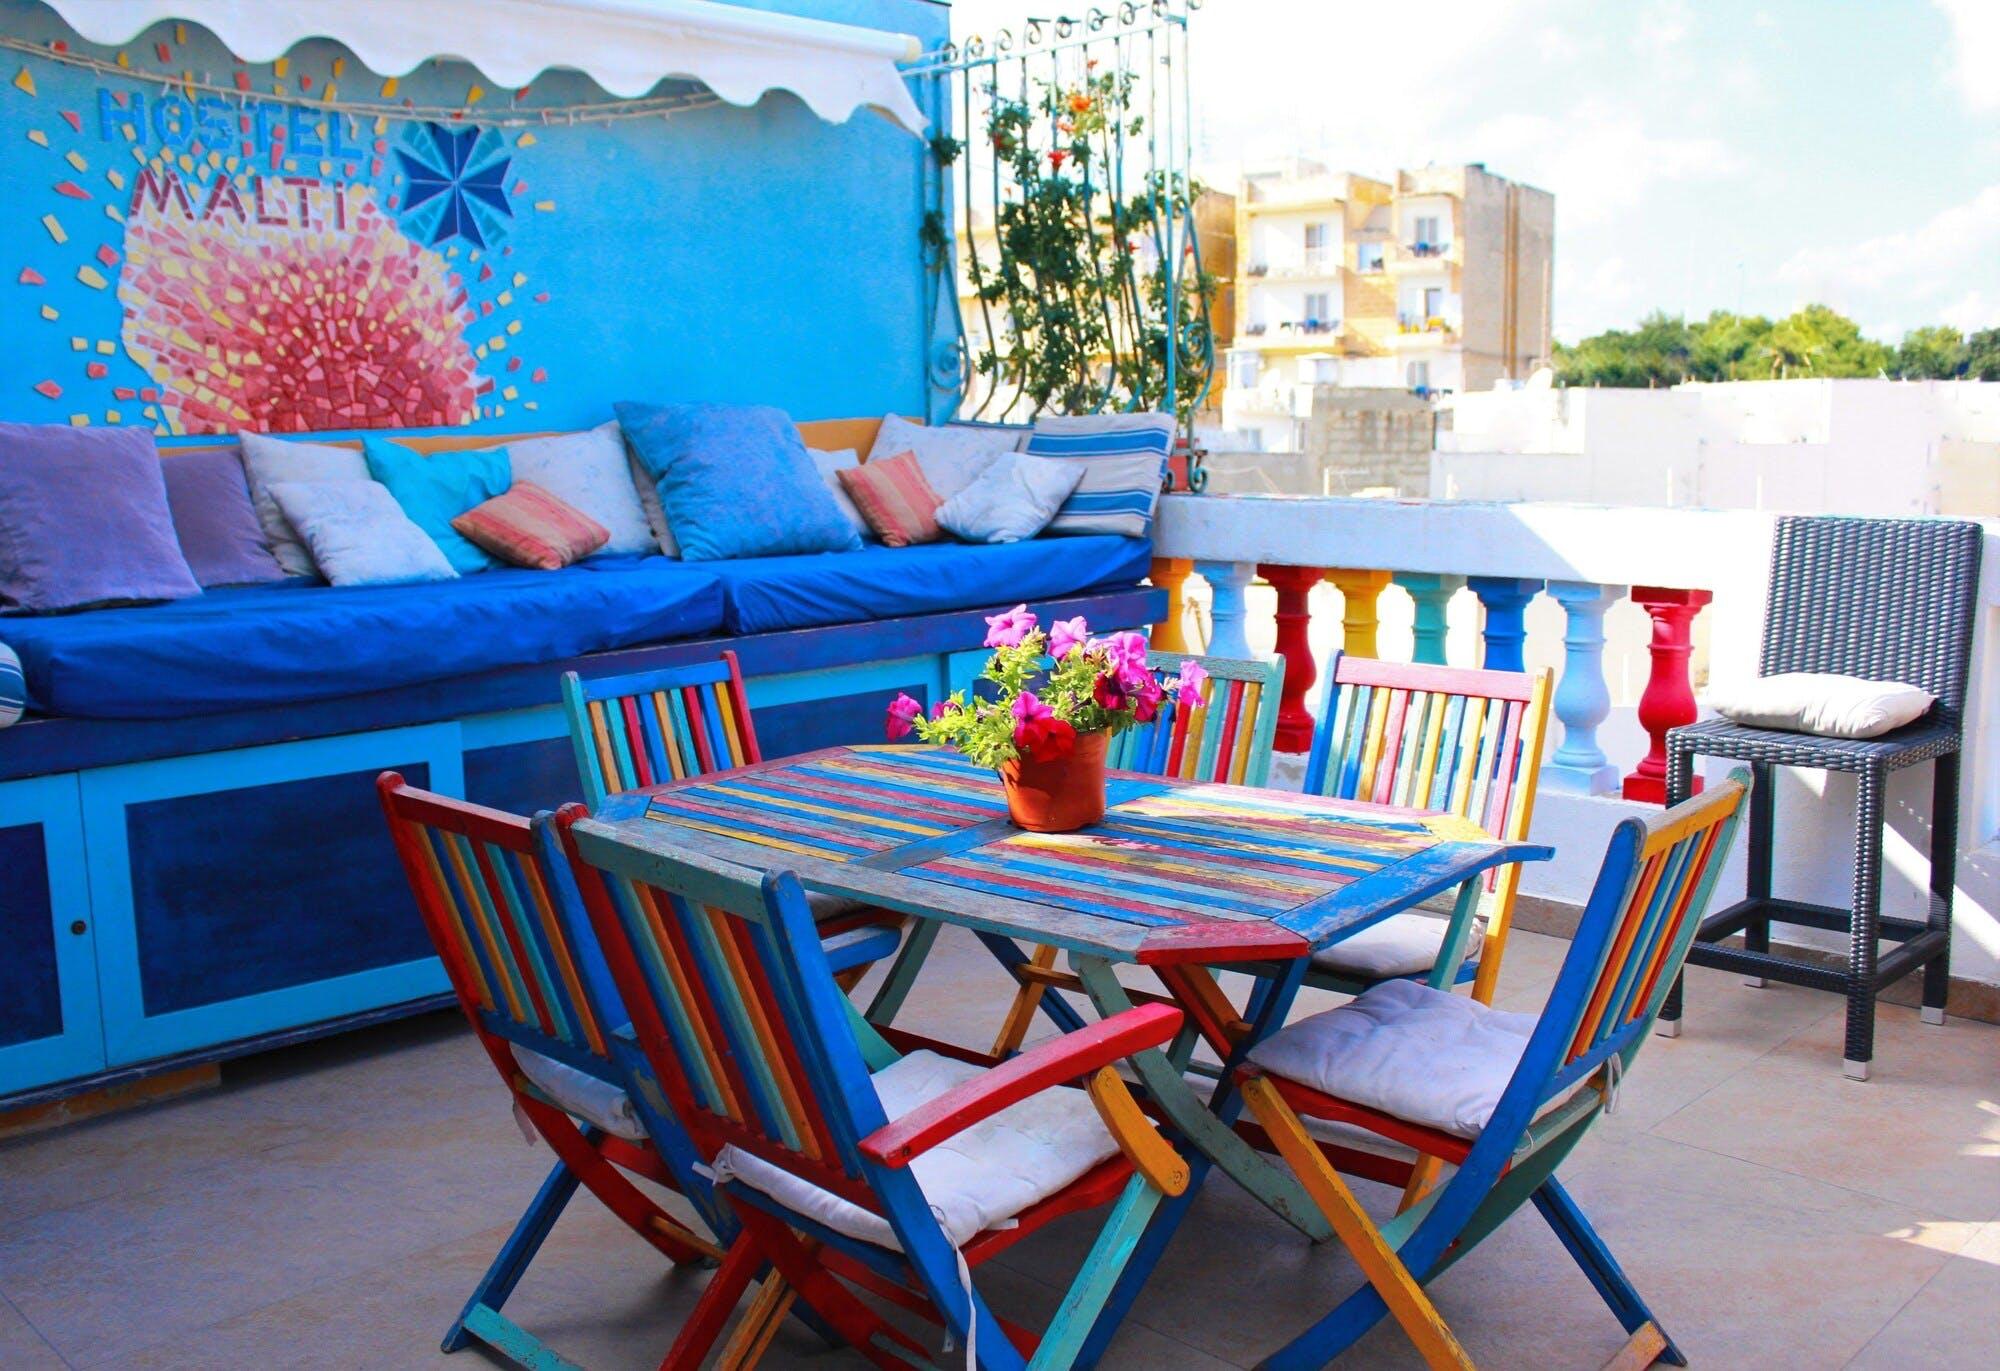 Hostel Malti terrace